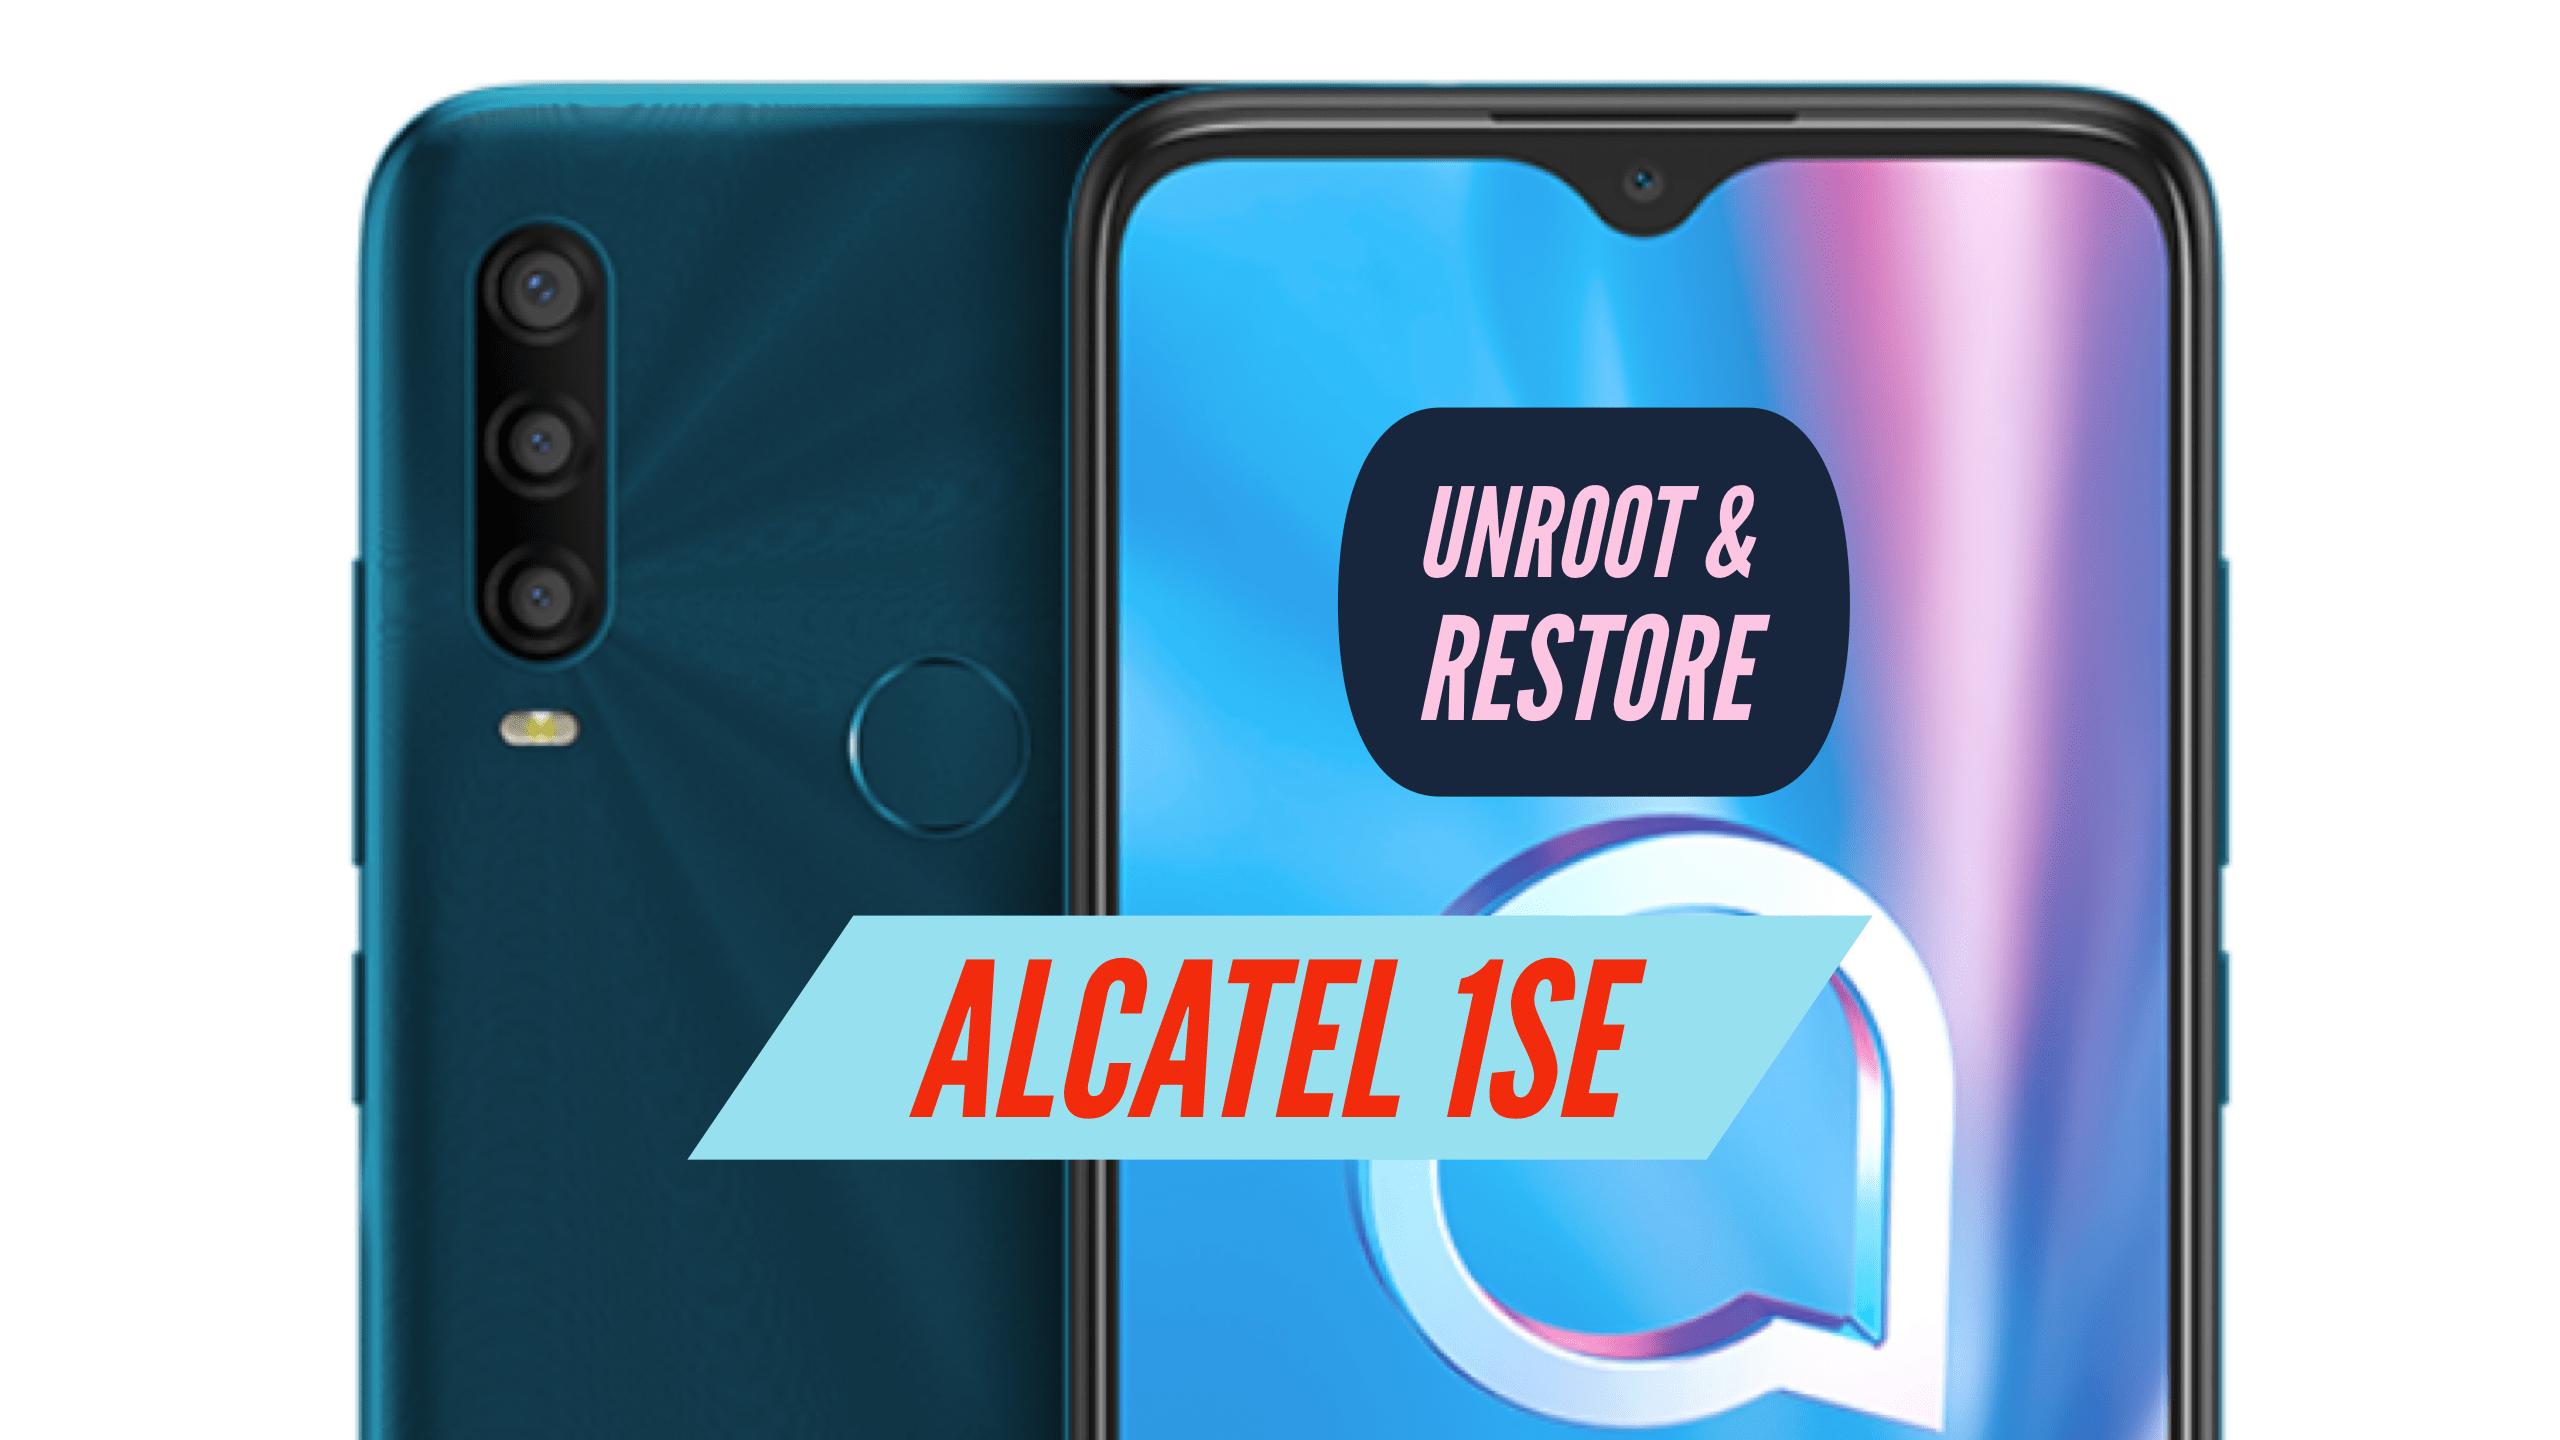 Unroot Alcatel 1SE Restore